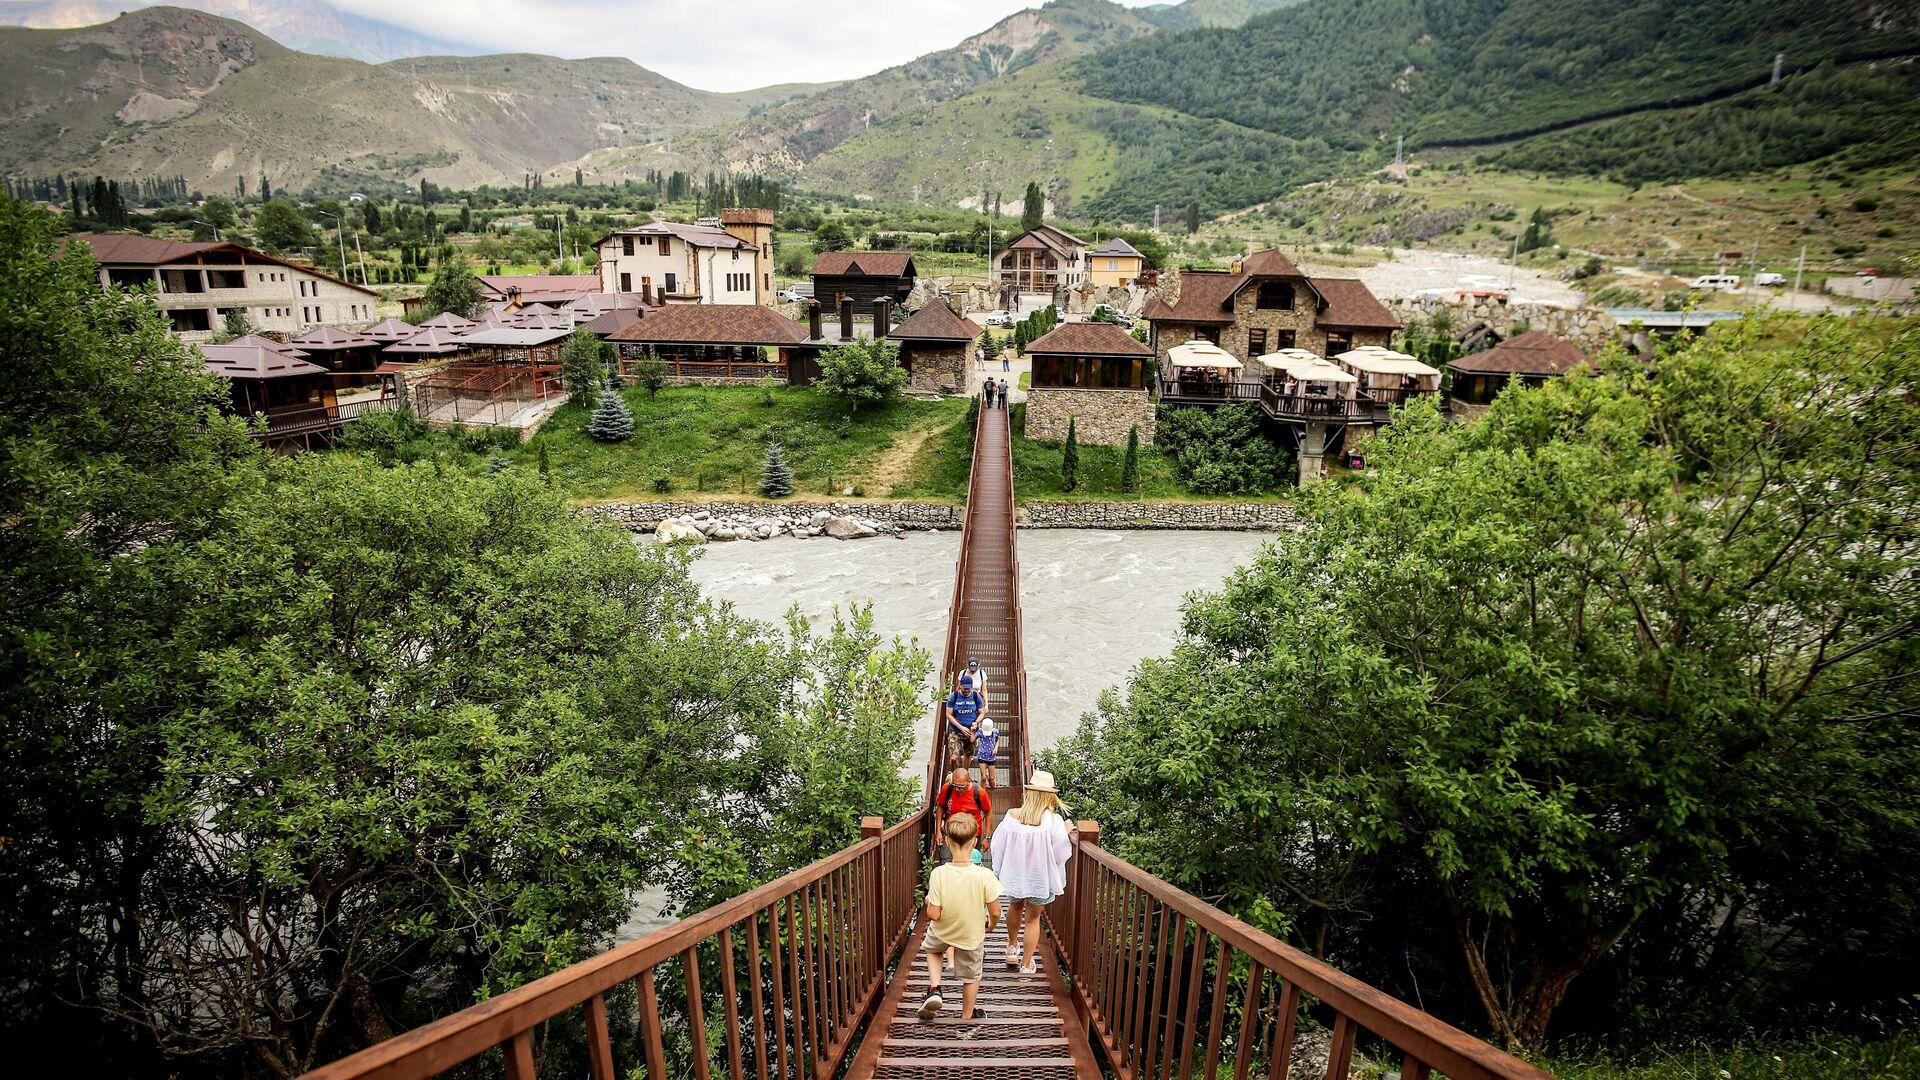 Туристы в ауле Верхняя Балкария в Кабардино-Балкарии - РИА Новости, 1920, 31.08.2020